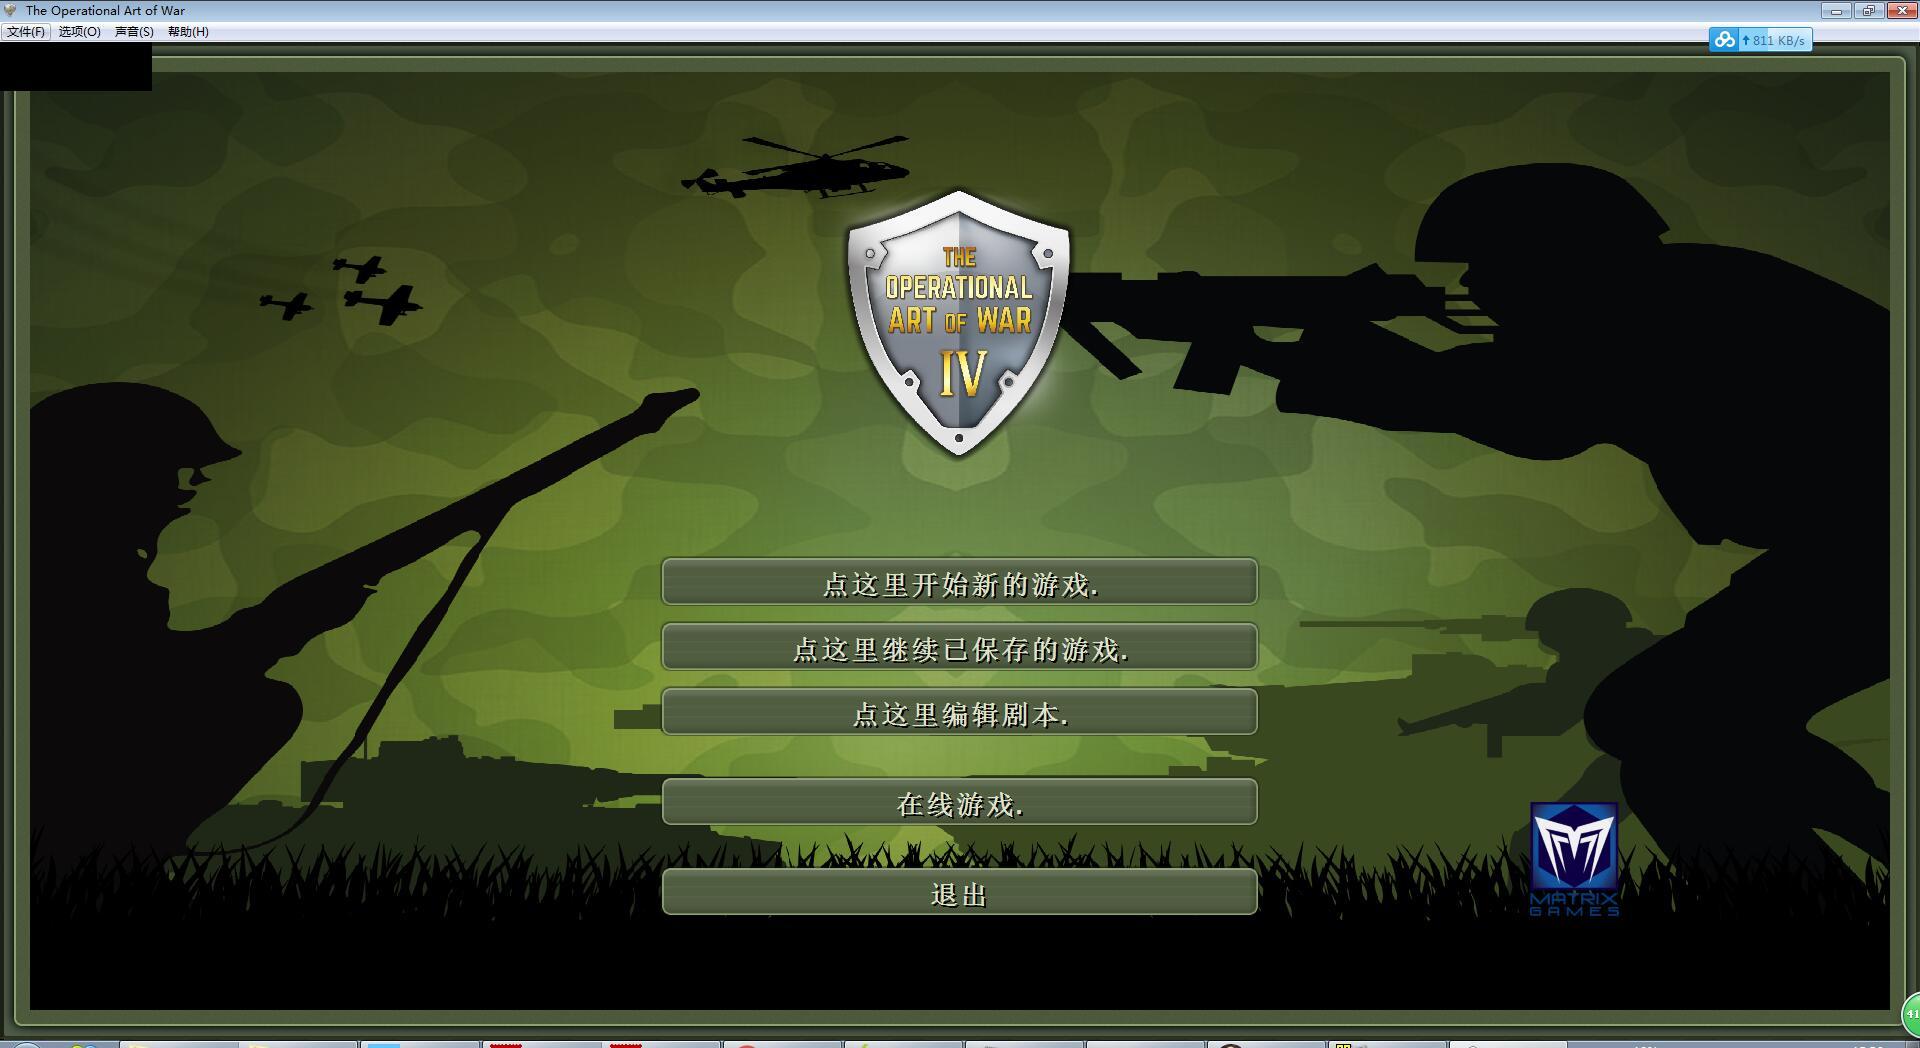 战争艺术4 中文截图